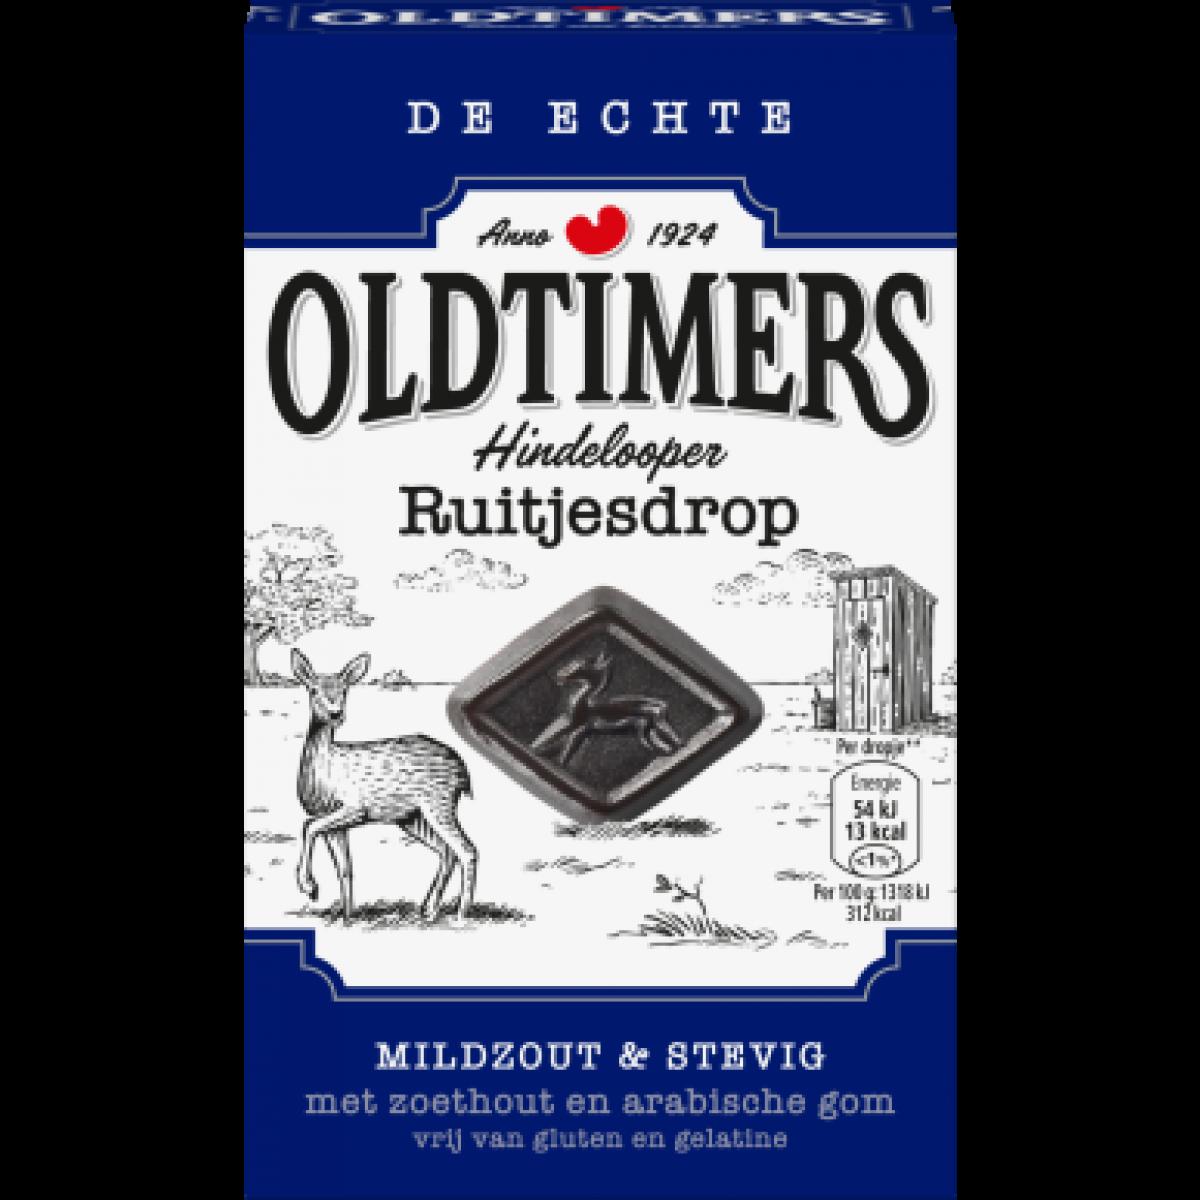 Oldtimers Hindelooper Ruitjesdrop